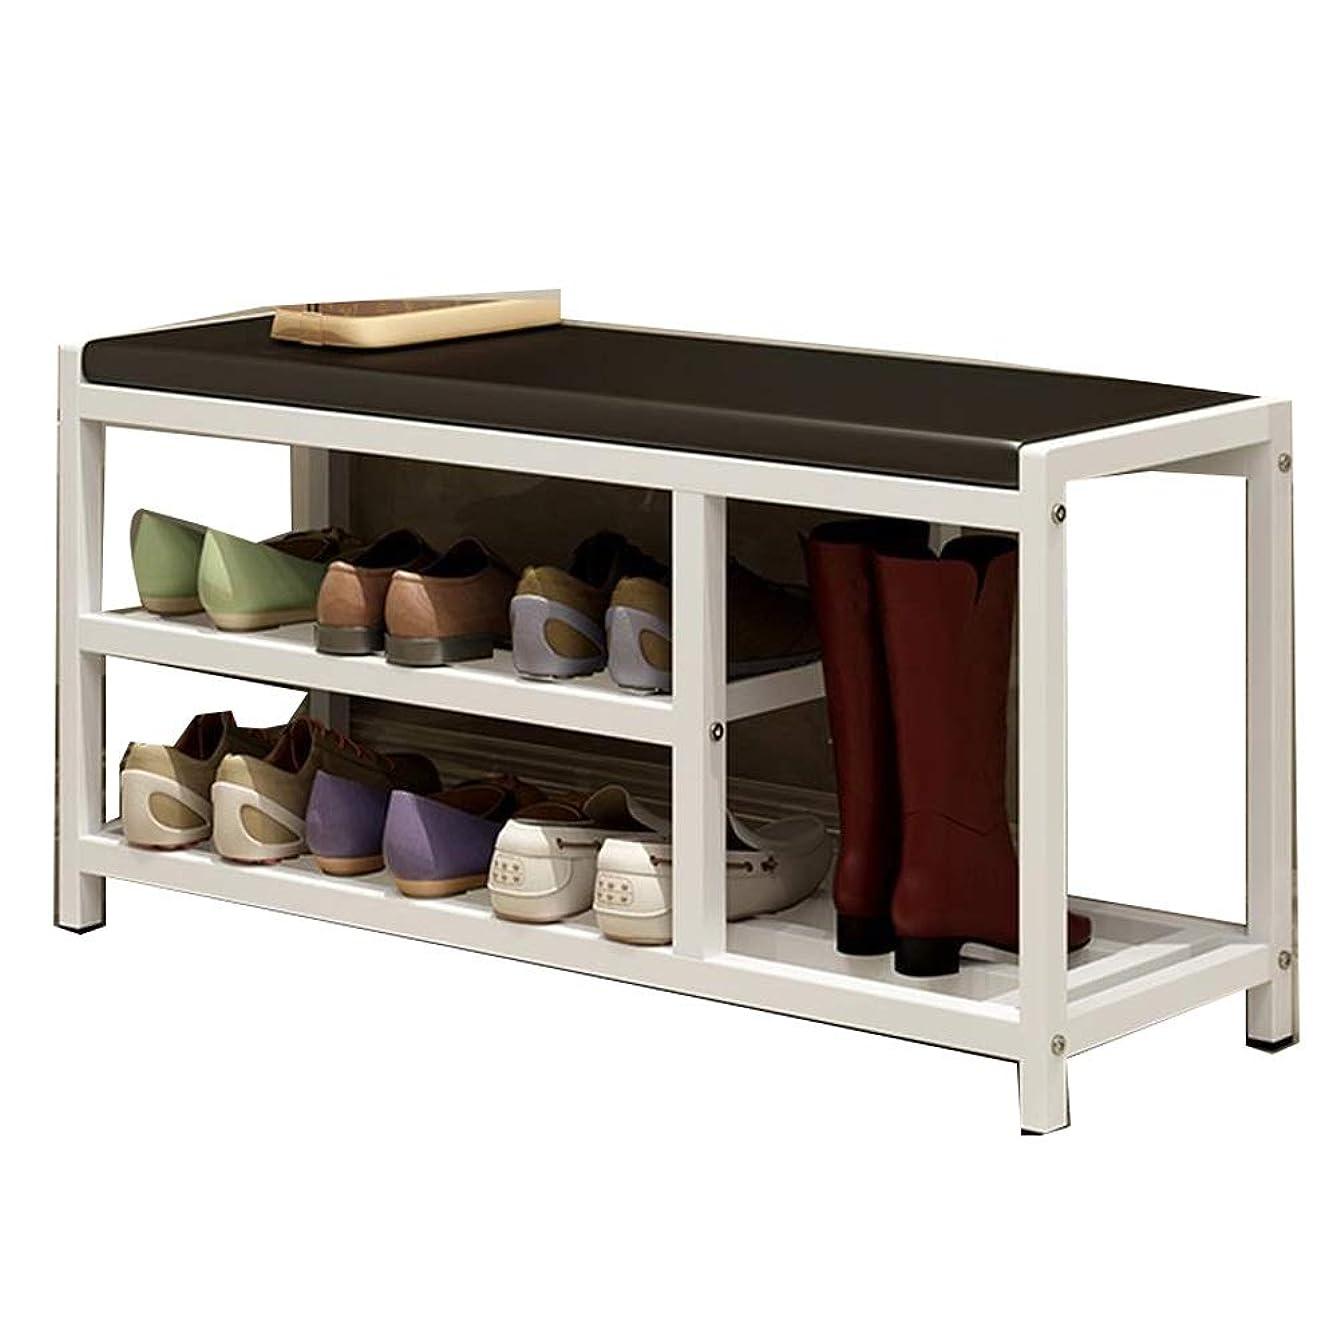 絶望的な航空便エンジンBNSDMM 靴の棚-靴のベンチ/靴のベンチの鉄の靴の棚の多層世帯の貯蔵の棚の靴の棚の永続的な貯蔵85x30x43cmを変えて下さい (Color : White)